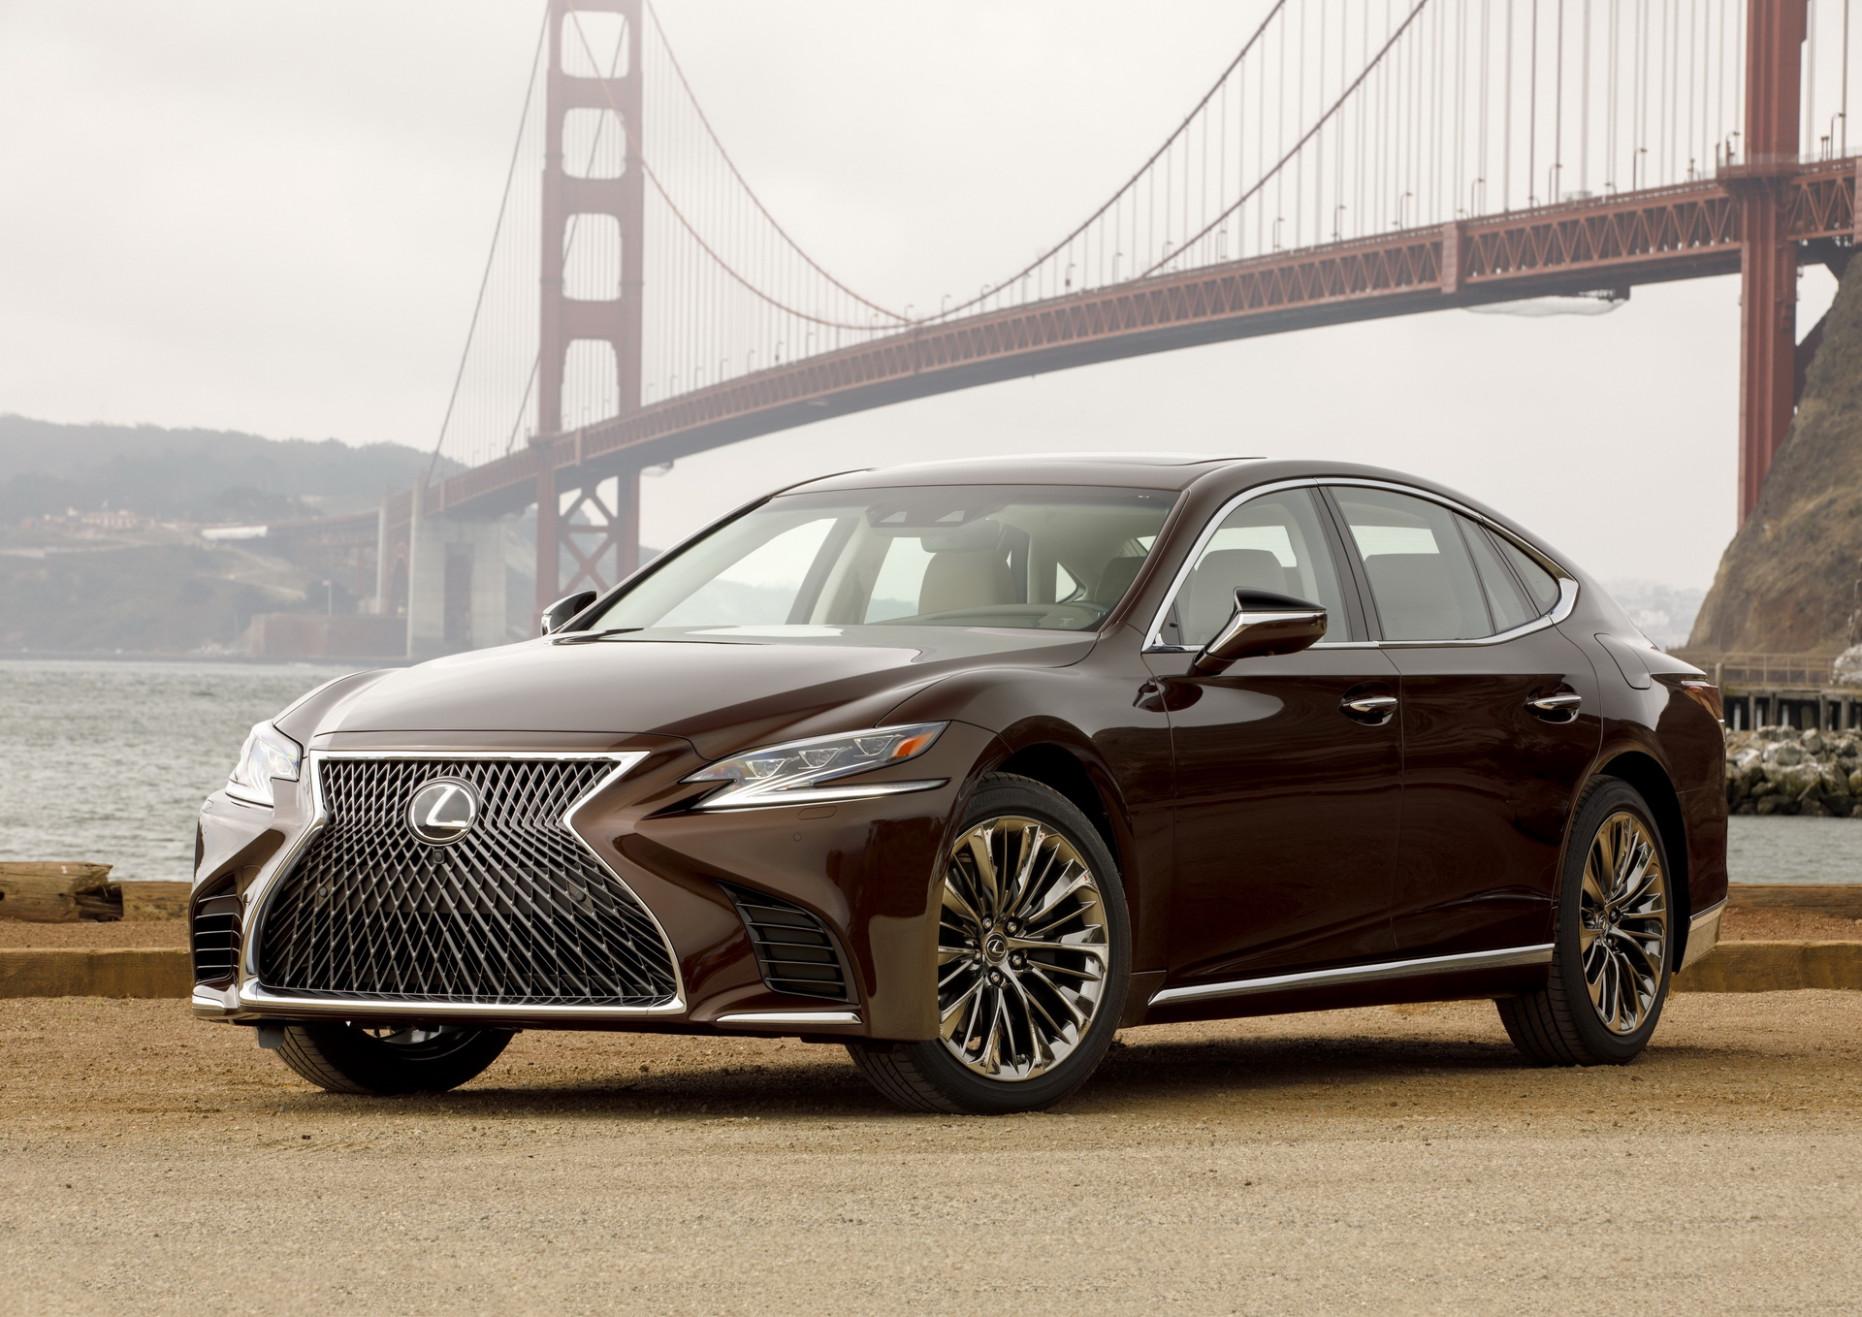 Pricing 2022 Lexus Ls 500 V8